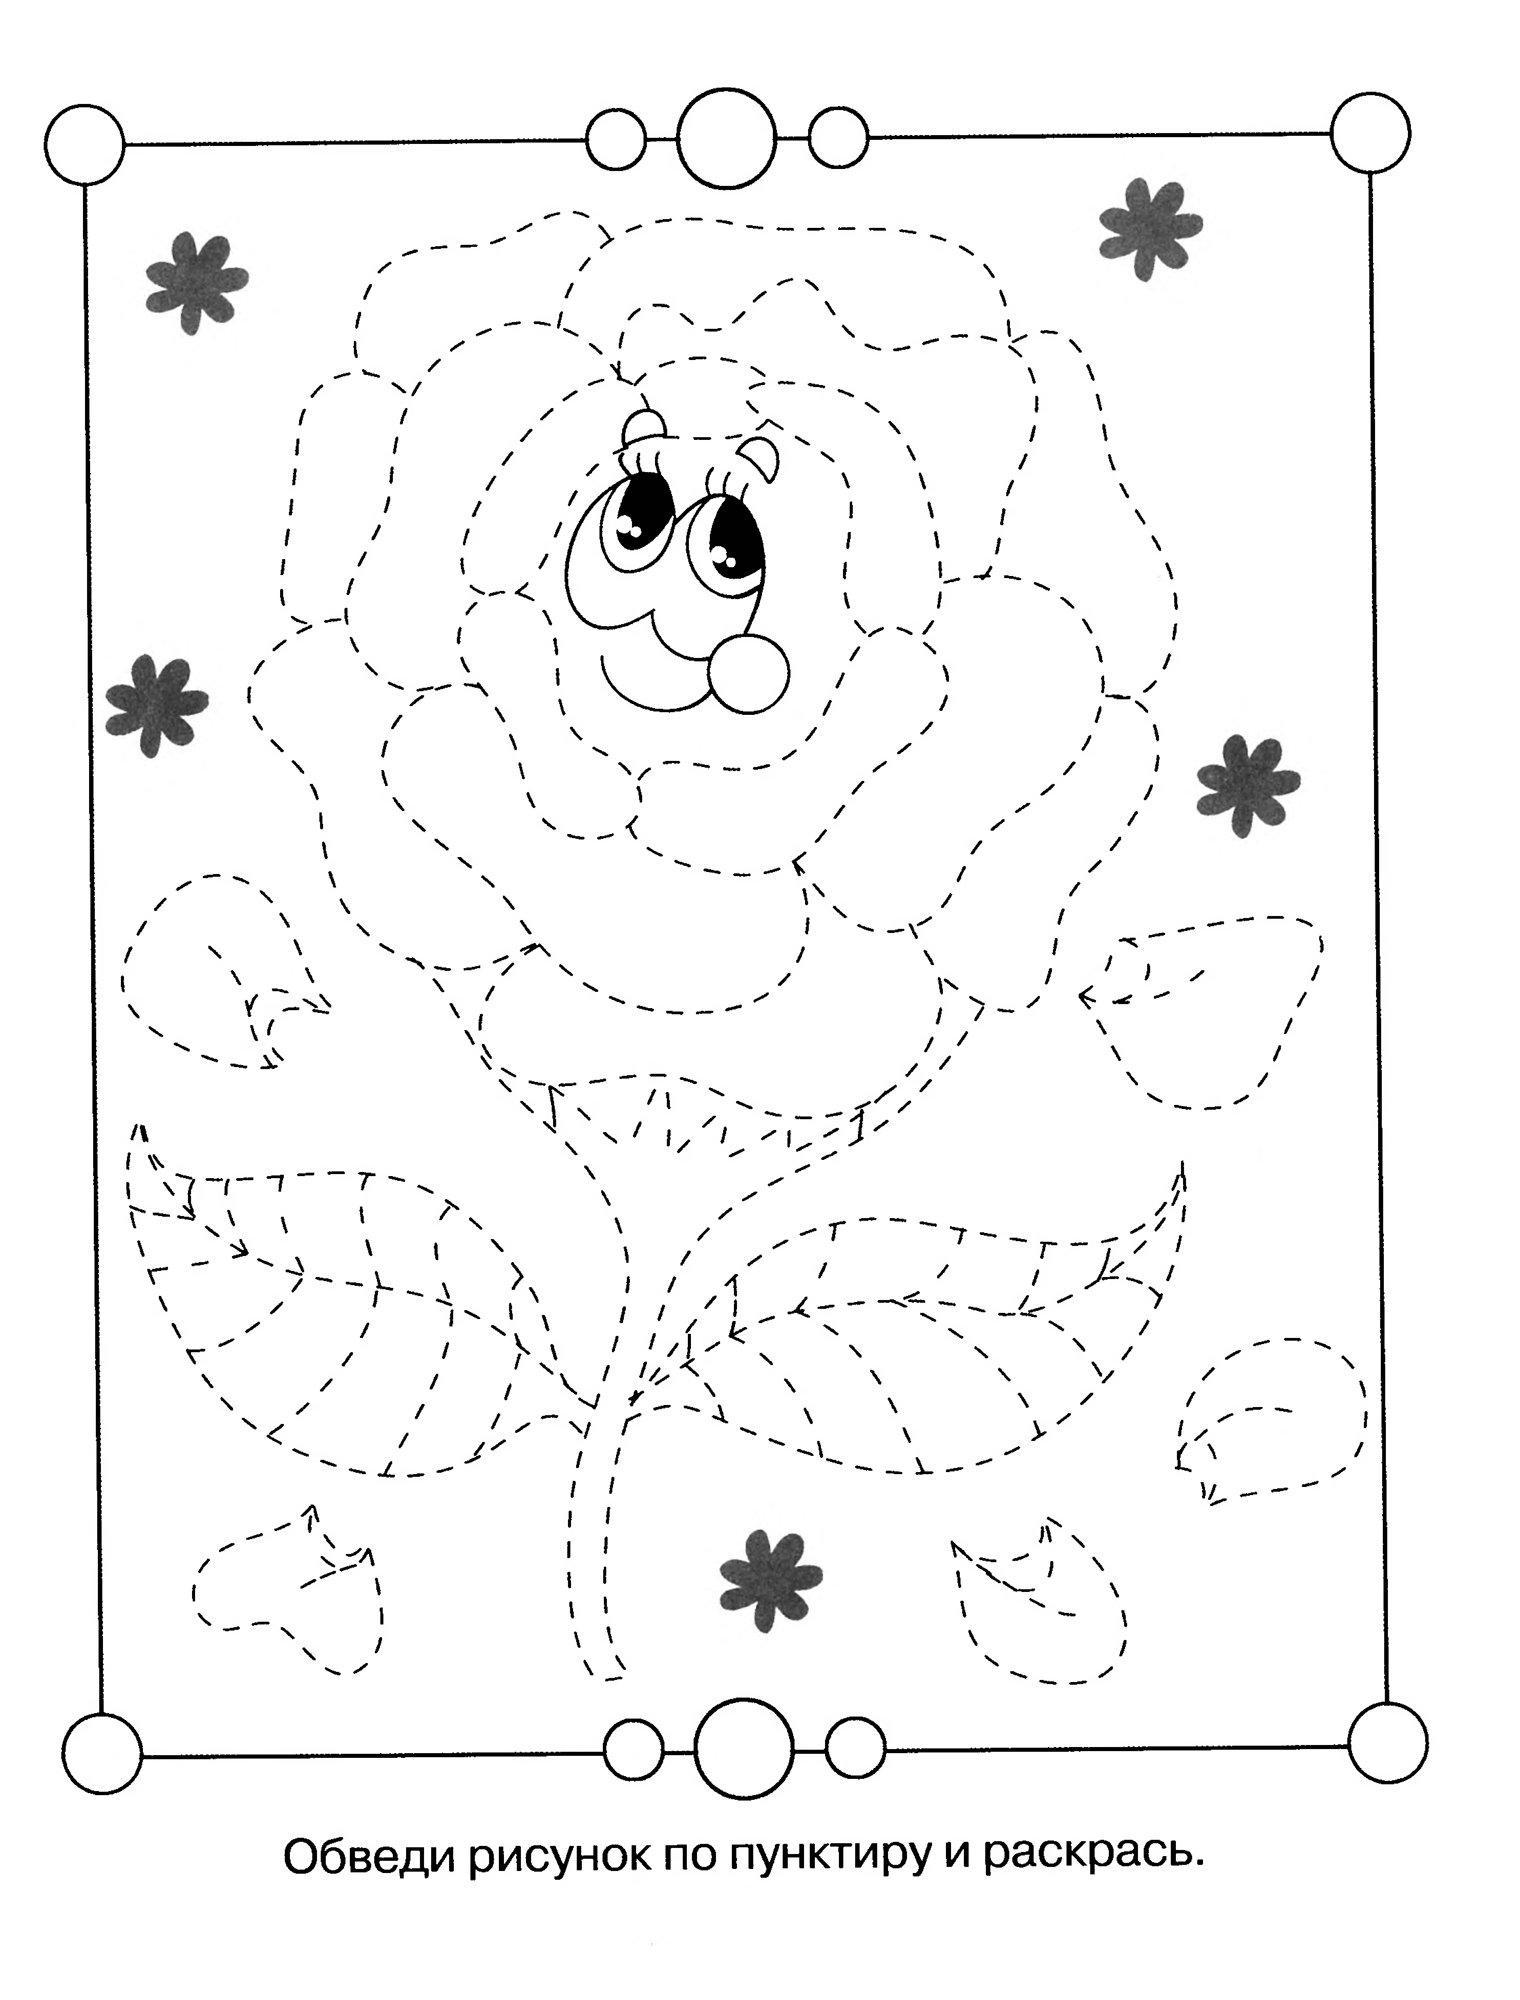 Картинки развивающие по точкам малышами